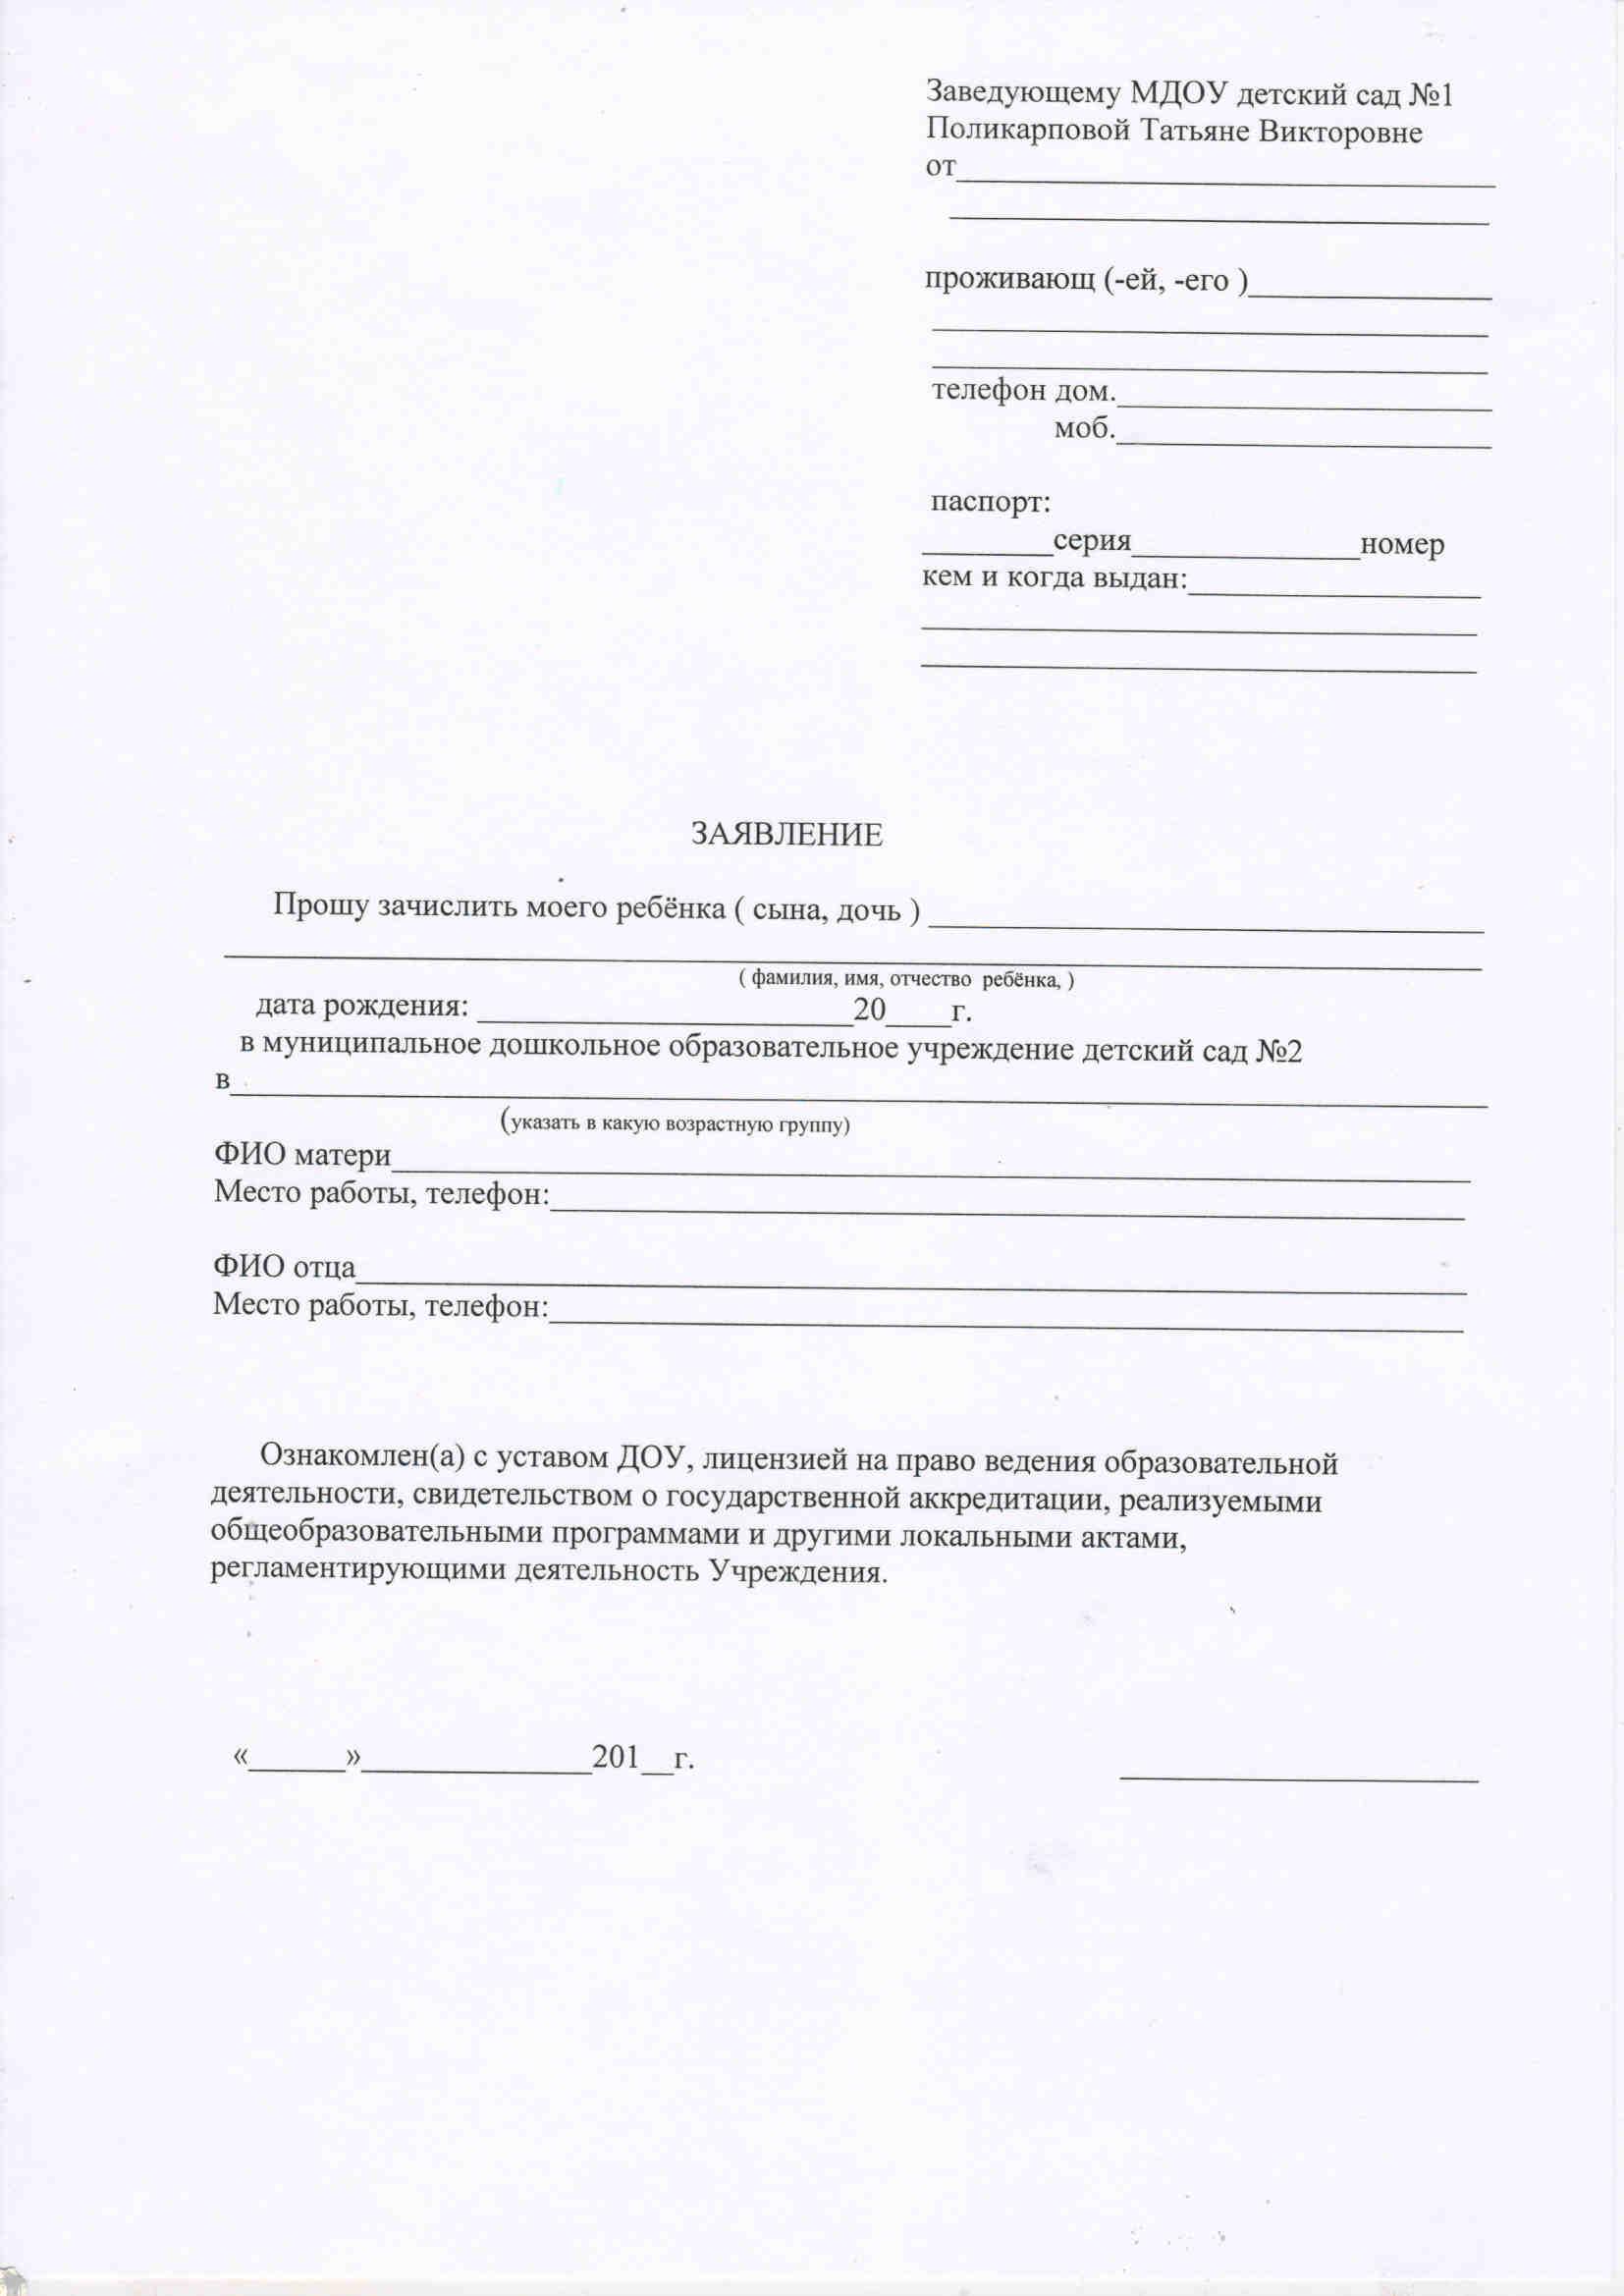 Внутренние документы органов государственной власти.